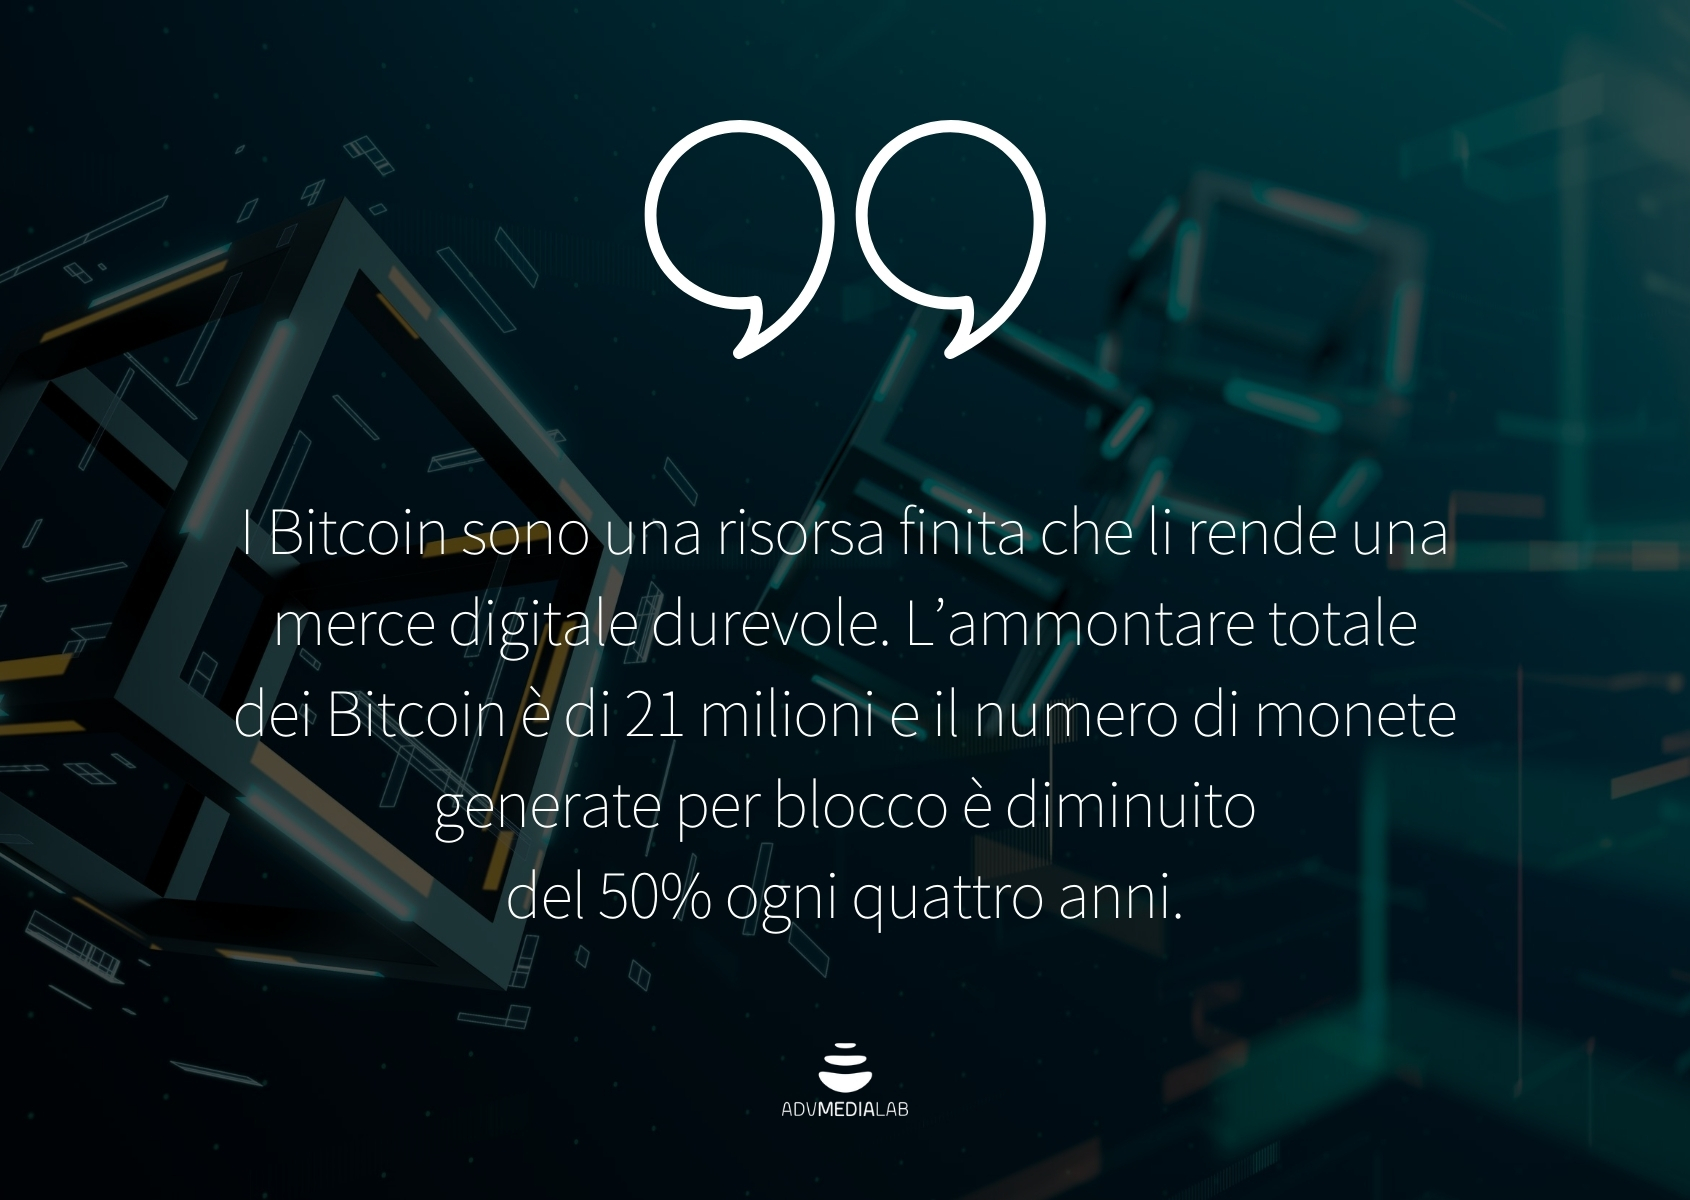 Dizionario-blockchain-quote6